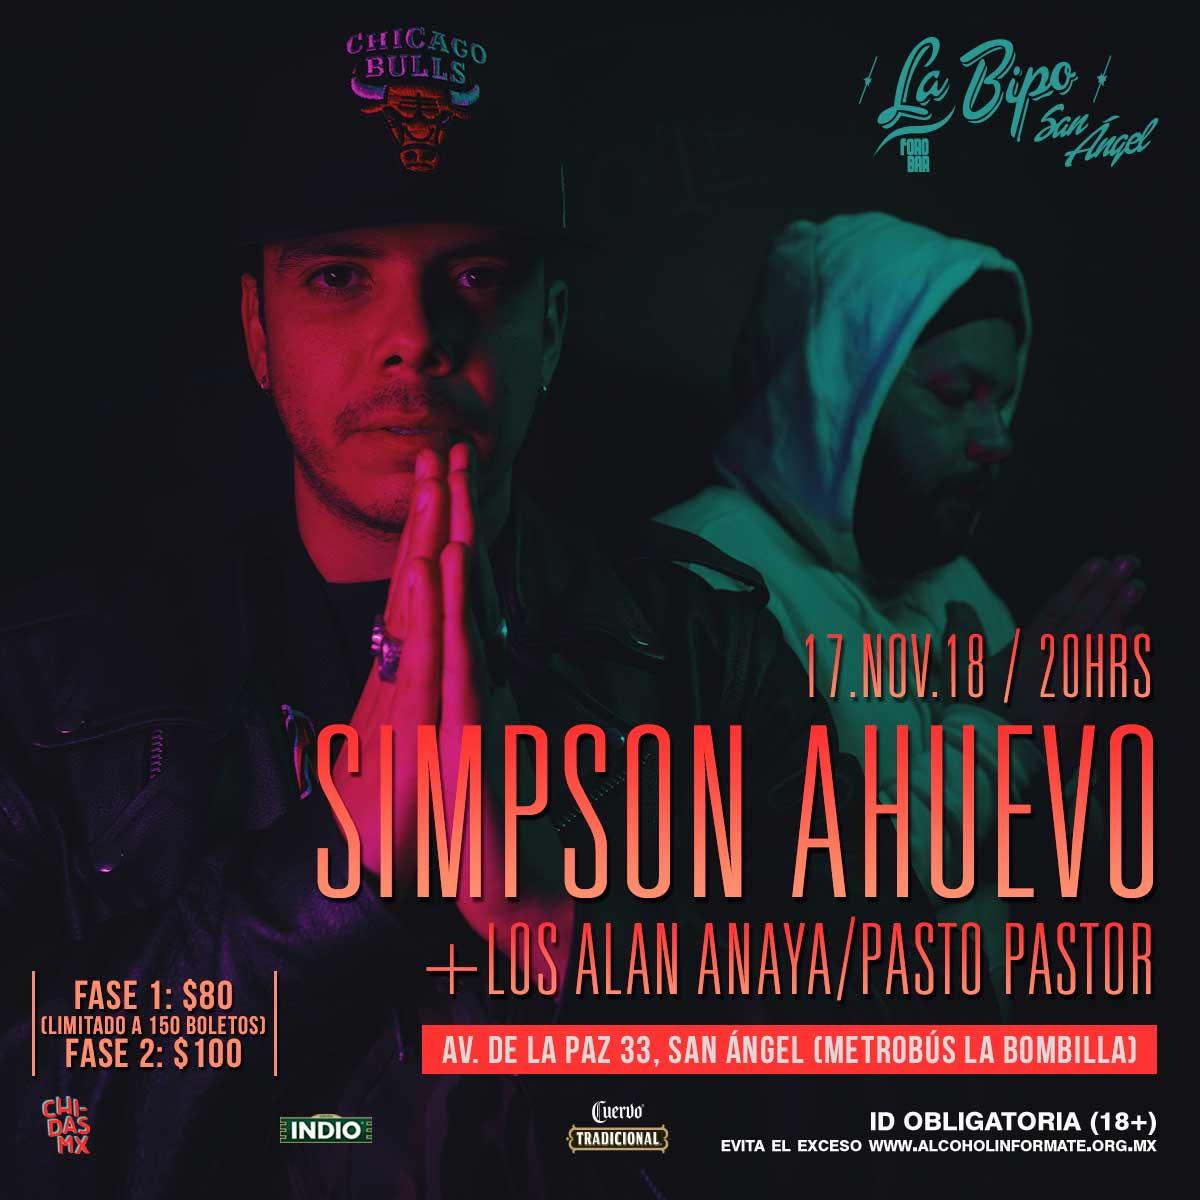 SIMPSON AHUEVO LLEGA AL FORO BIPO SAN ÁNGEL